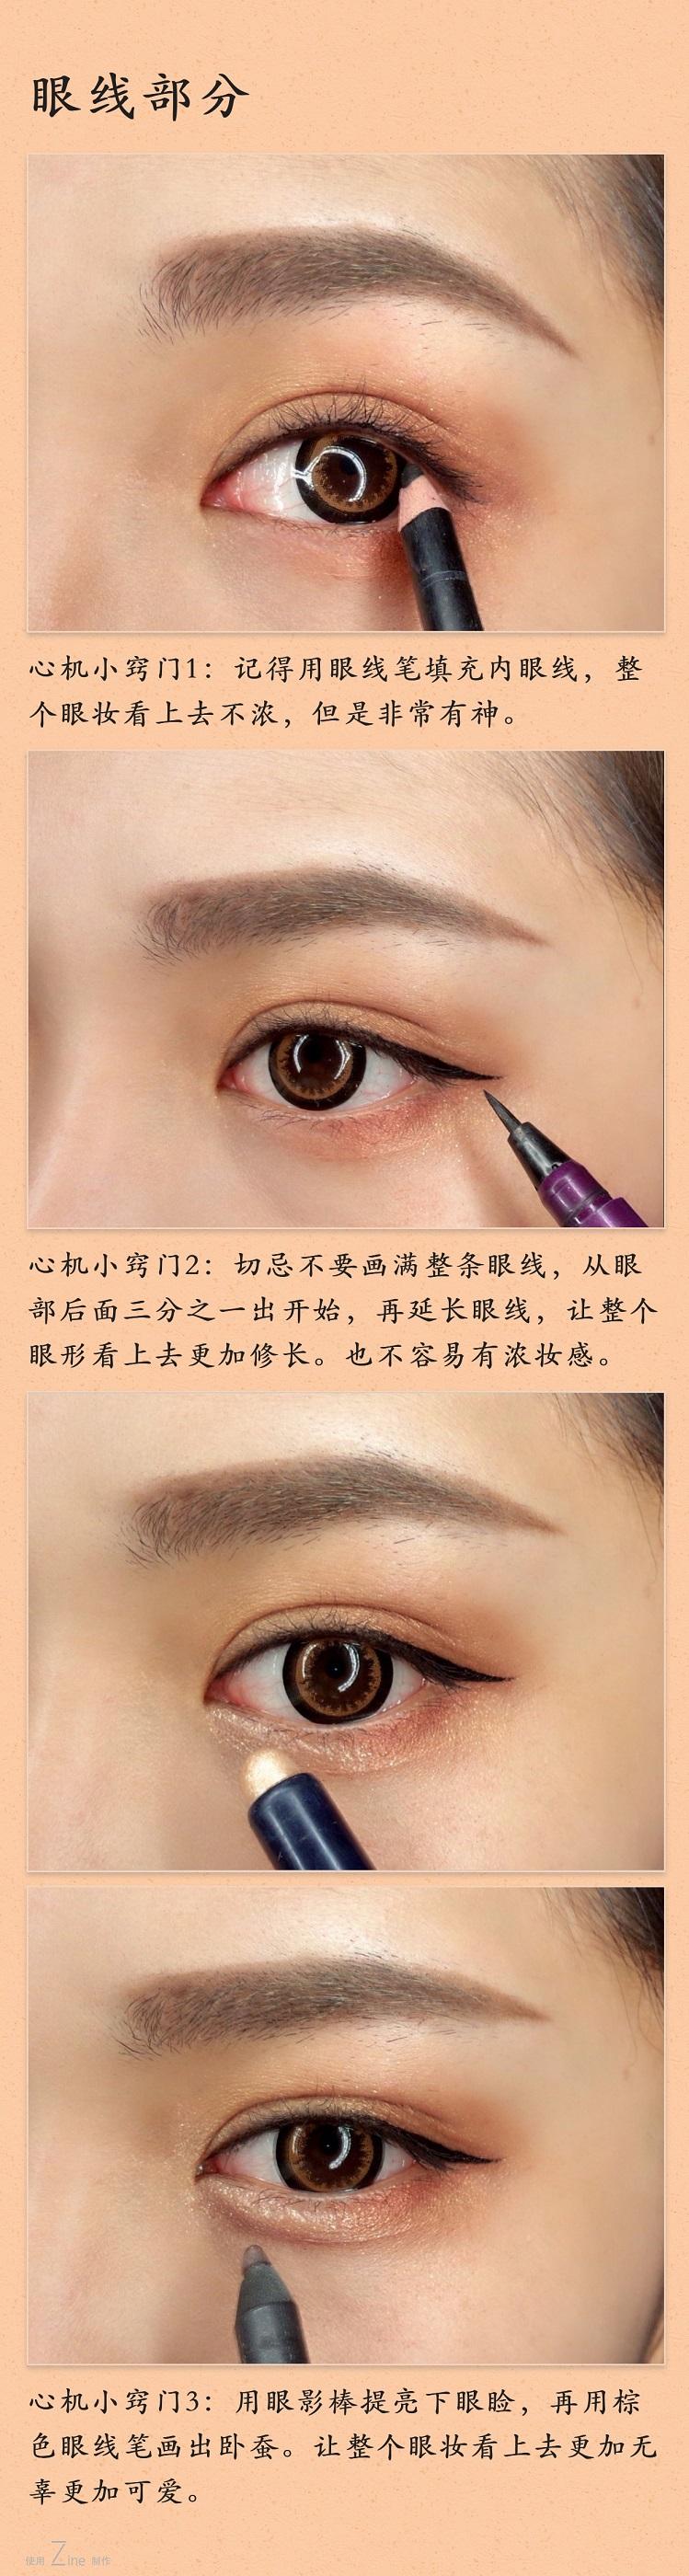 眼妆步骤1.jpg